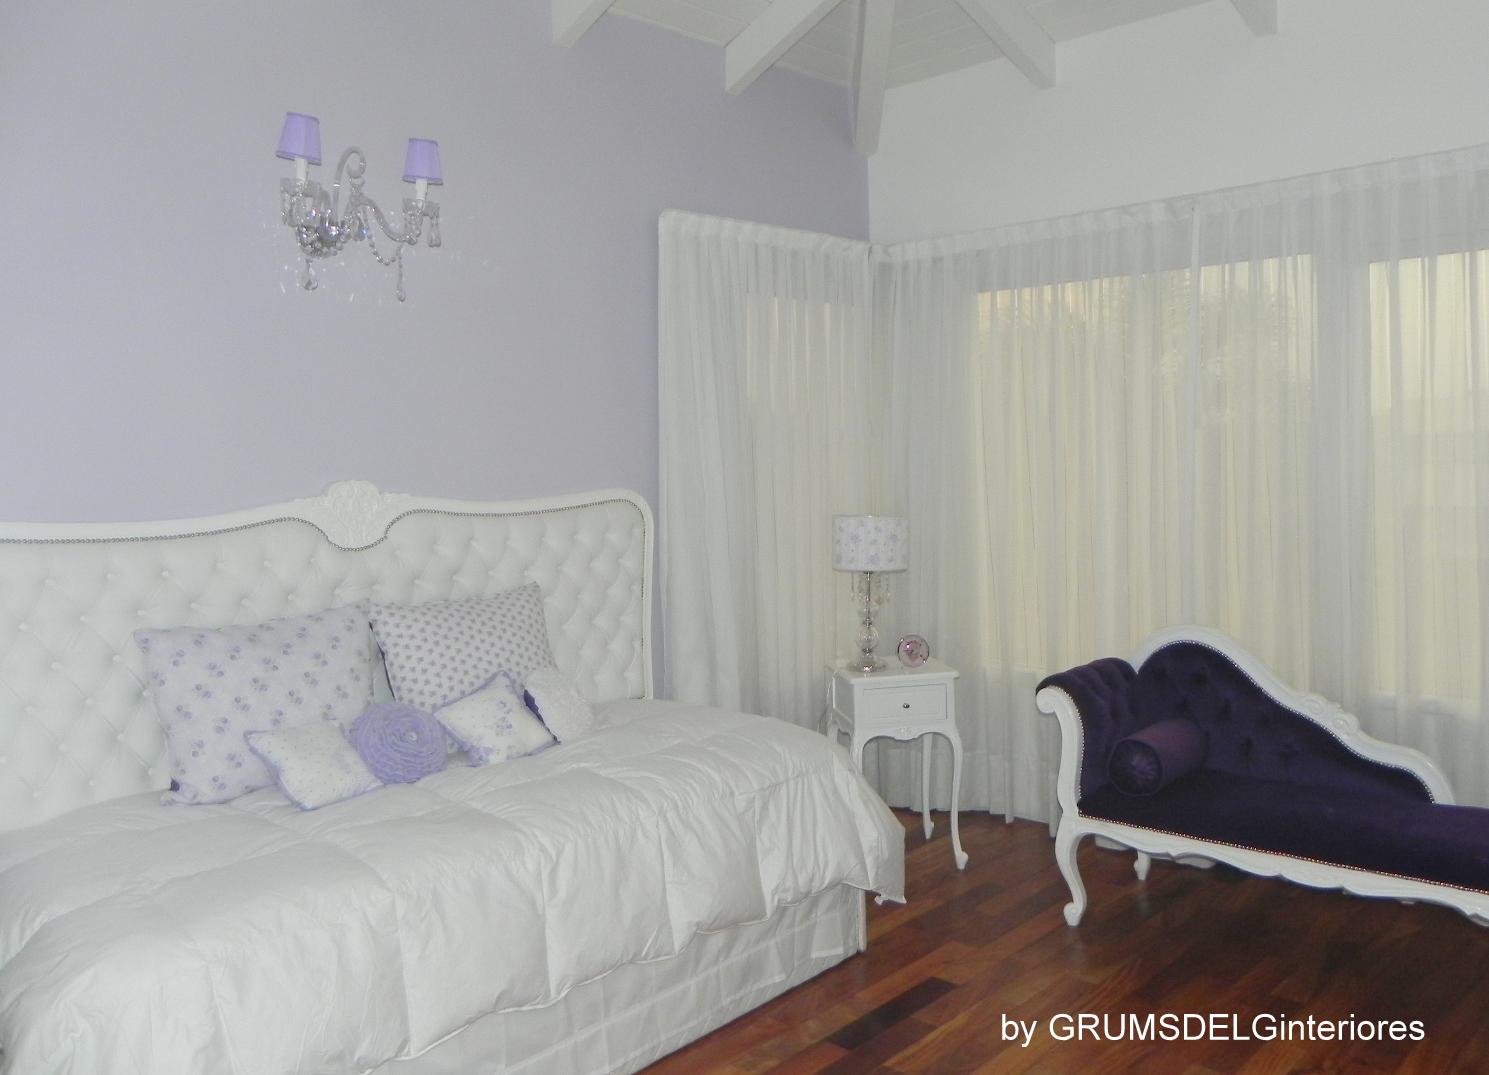 Grumsdelg interiores violets le charme - Anticuarios en cordoba ...